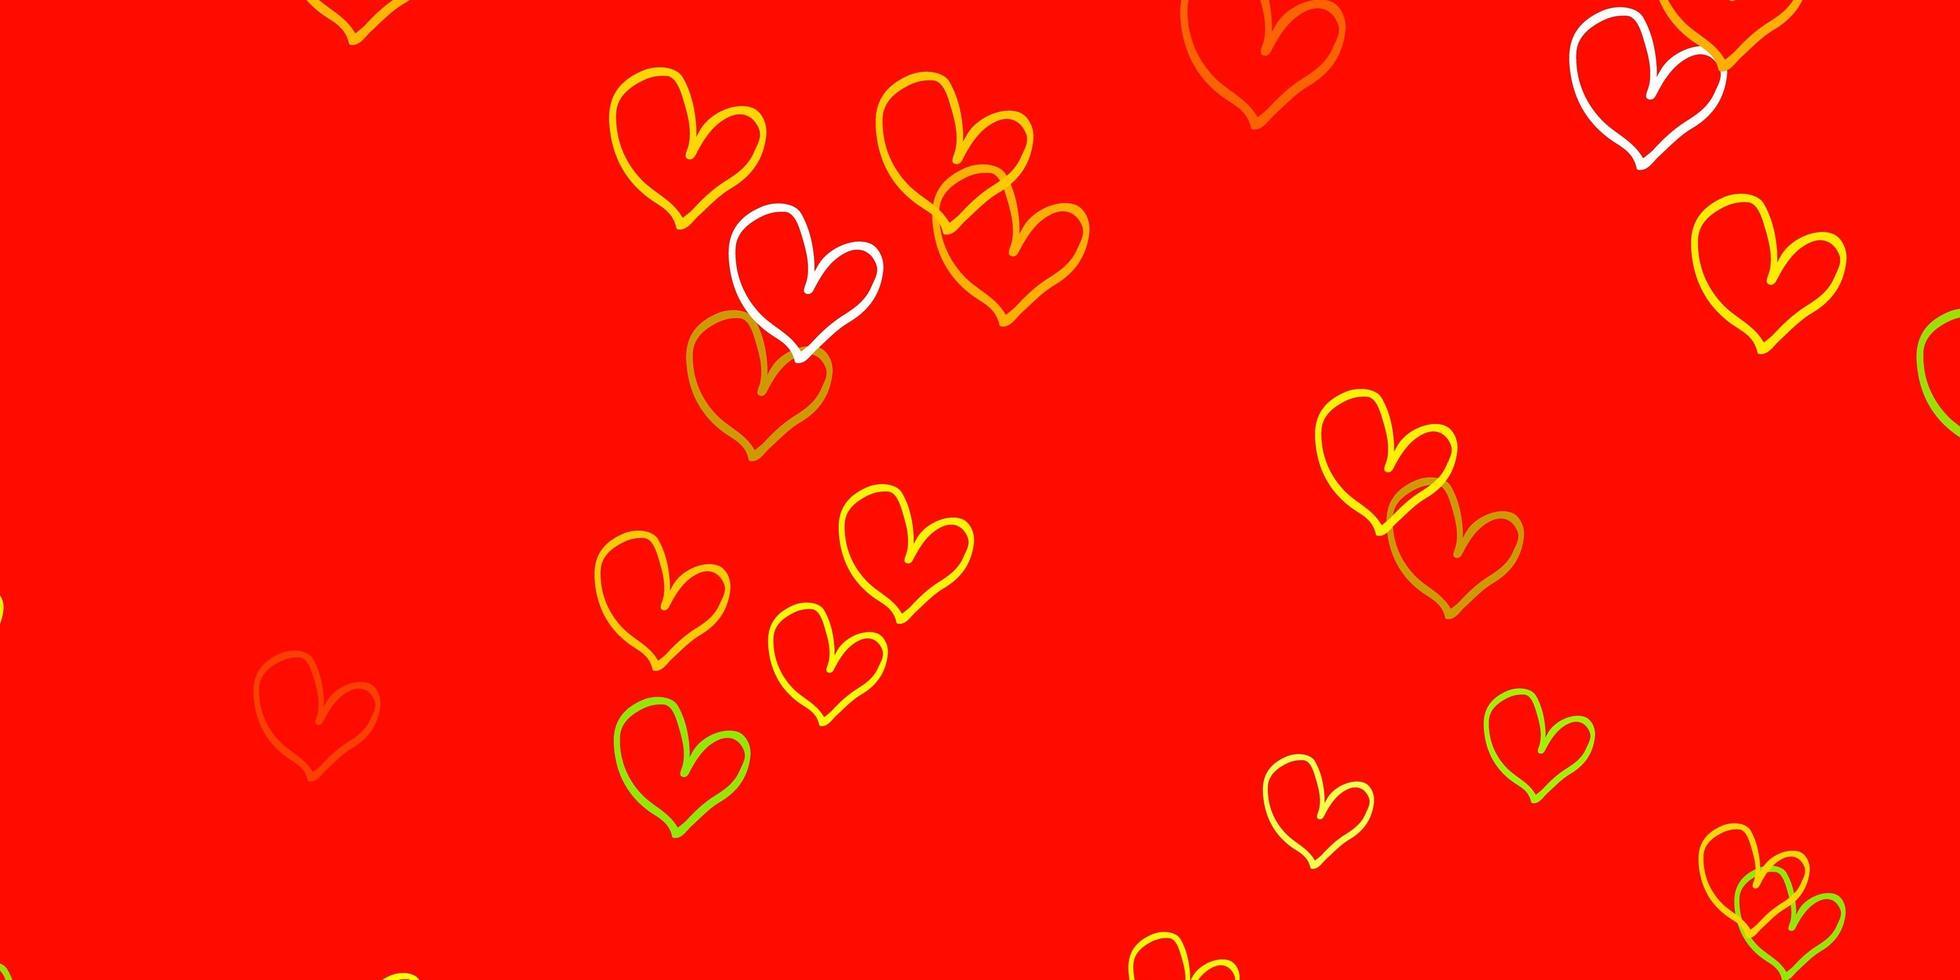 hellrotes, gelbes Vektormuster mit bunten Herzen. vektor